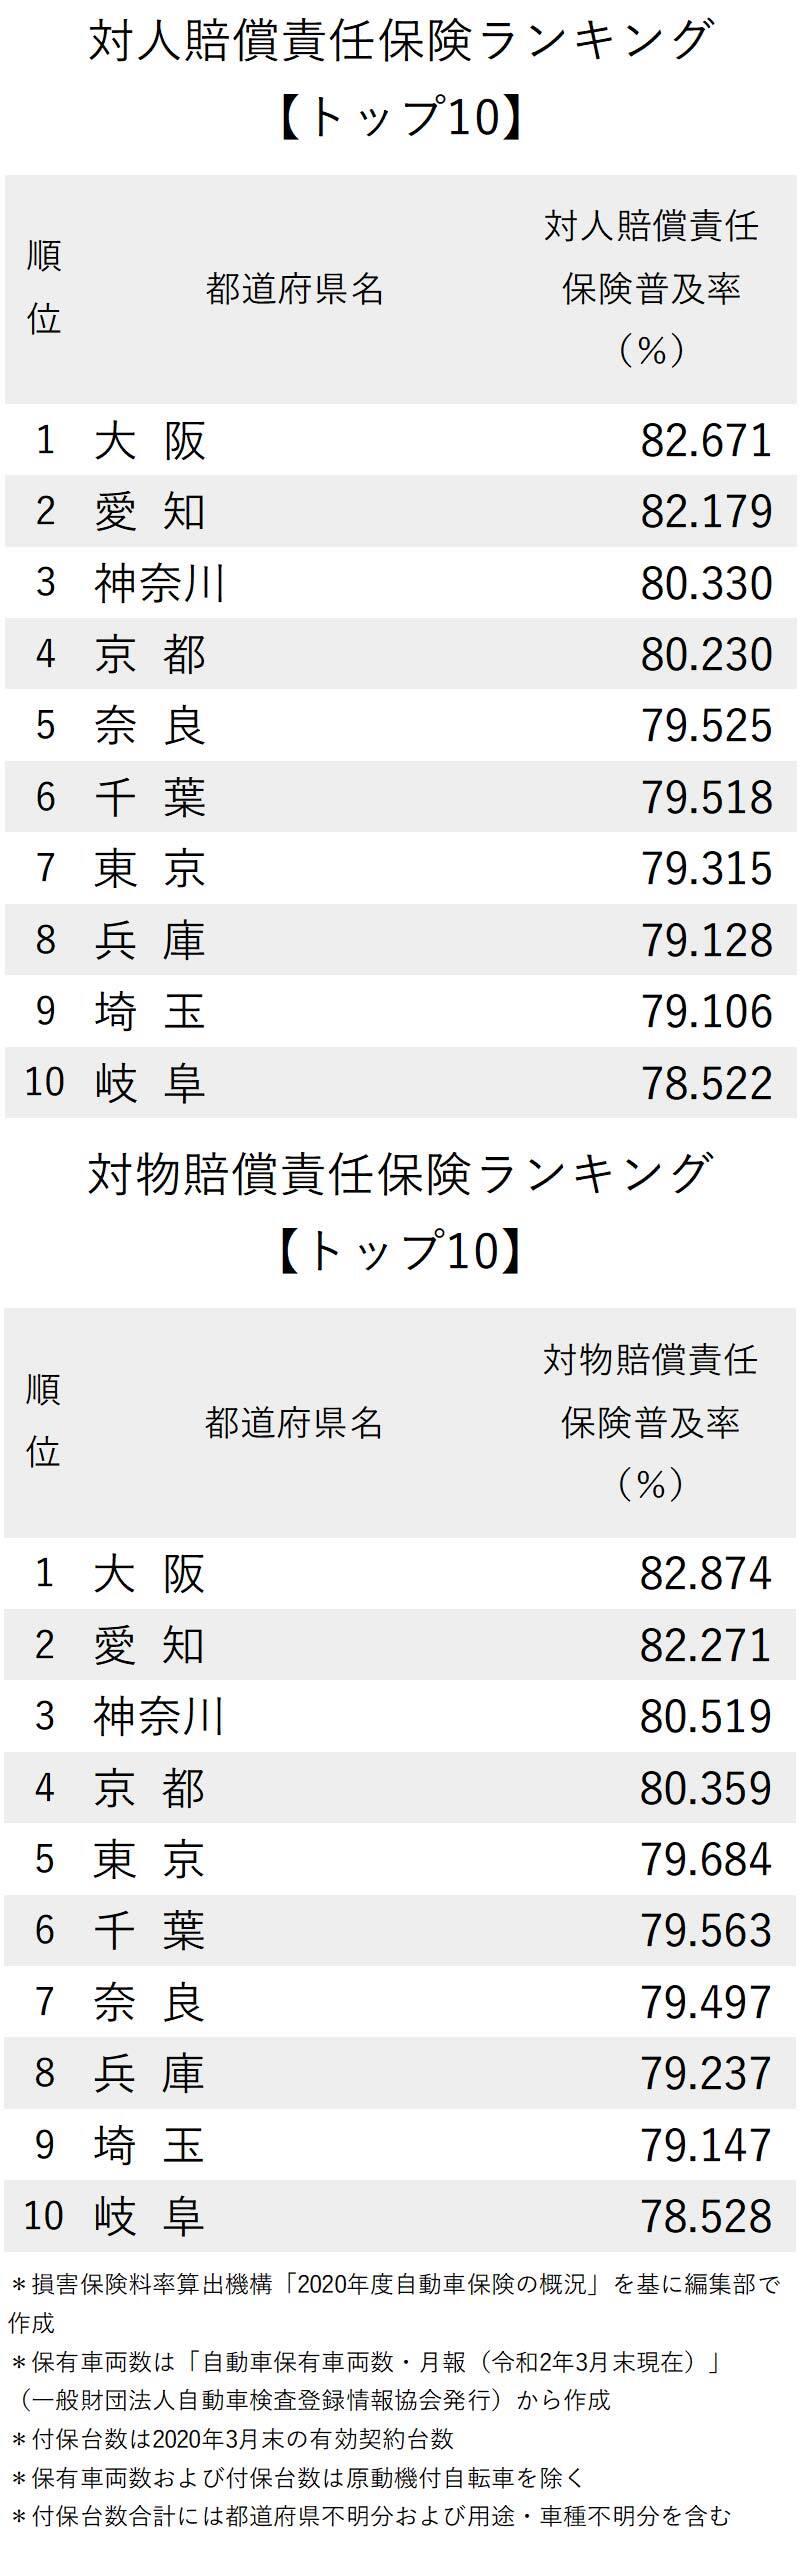 図版:対人・対物賠償責任保険ランキング上位10都道府県